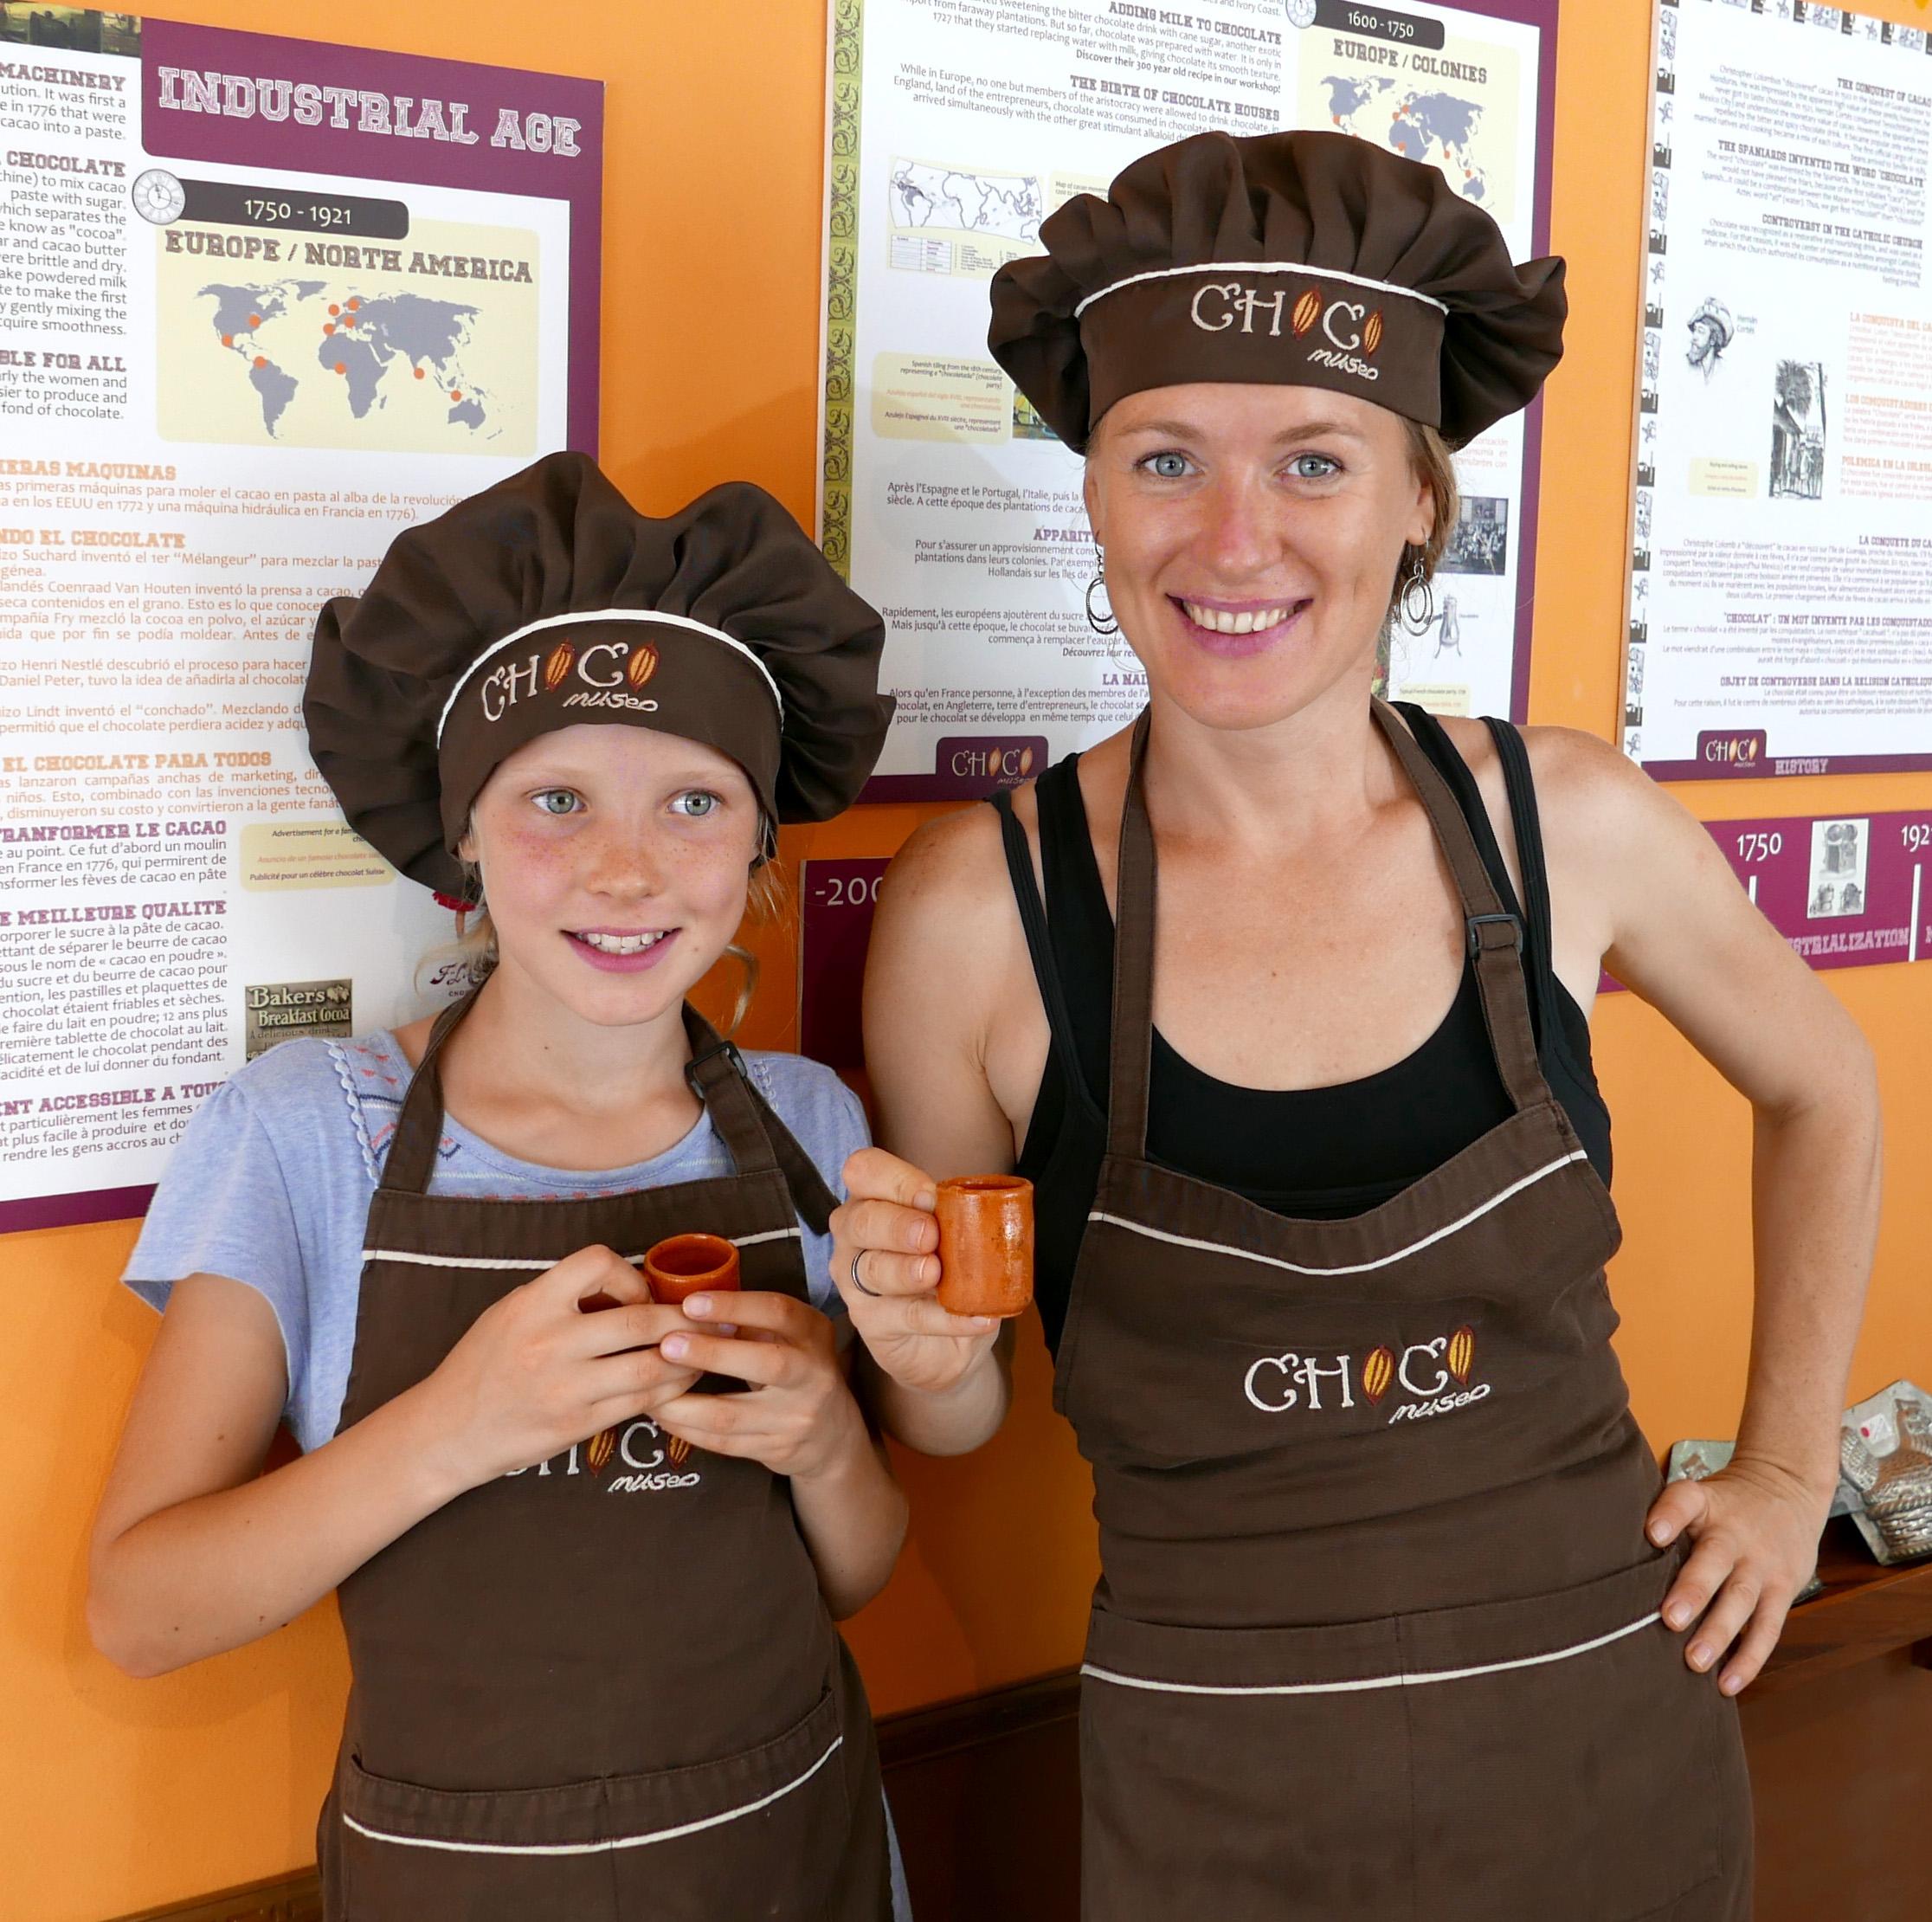 Making chocolate by Choco Museo Puerto Vallarta